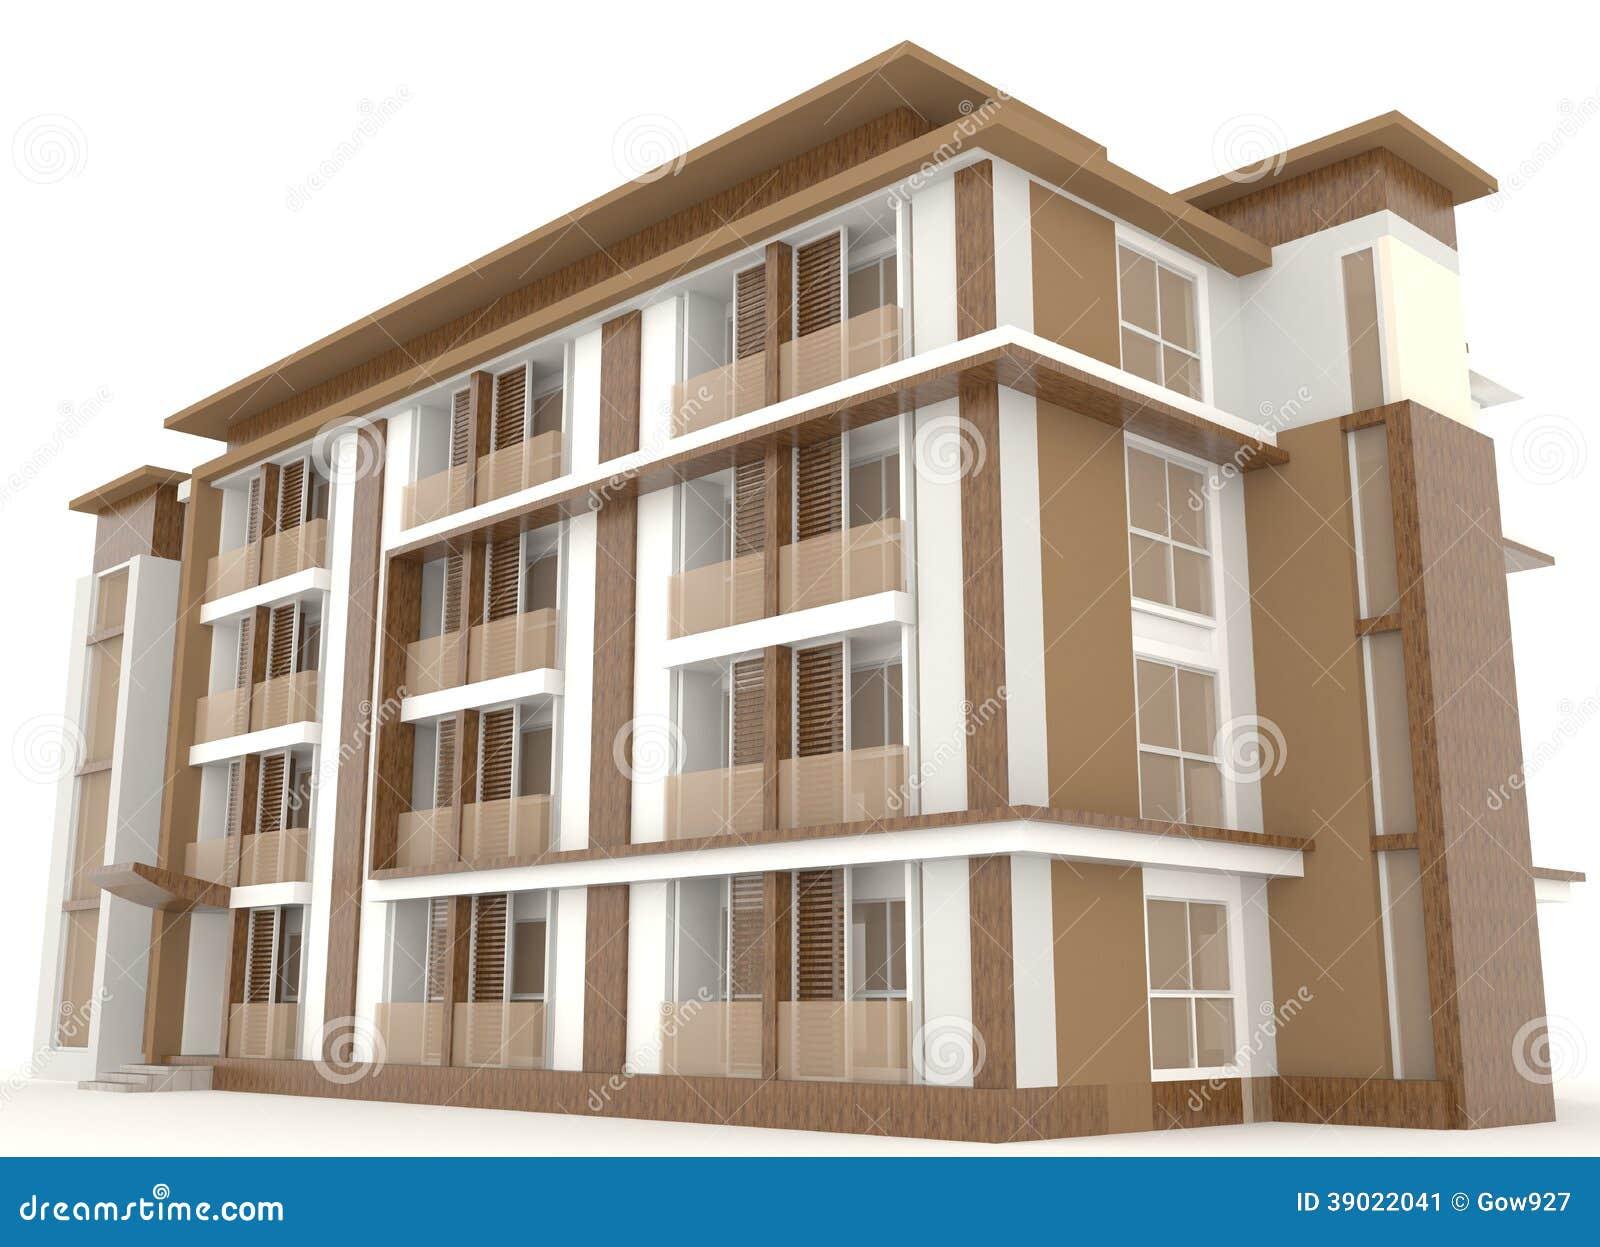 C t d 39 isolat ext rieur en bois d 39 immeuble des bureaux 3d for Immeuble bureaux structure bois